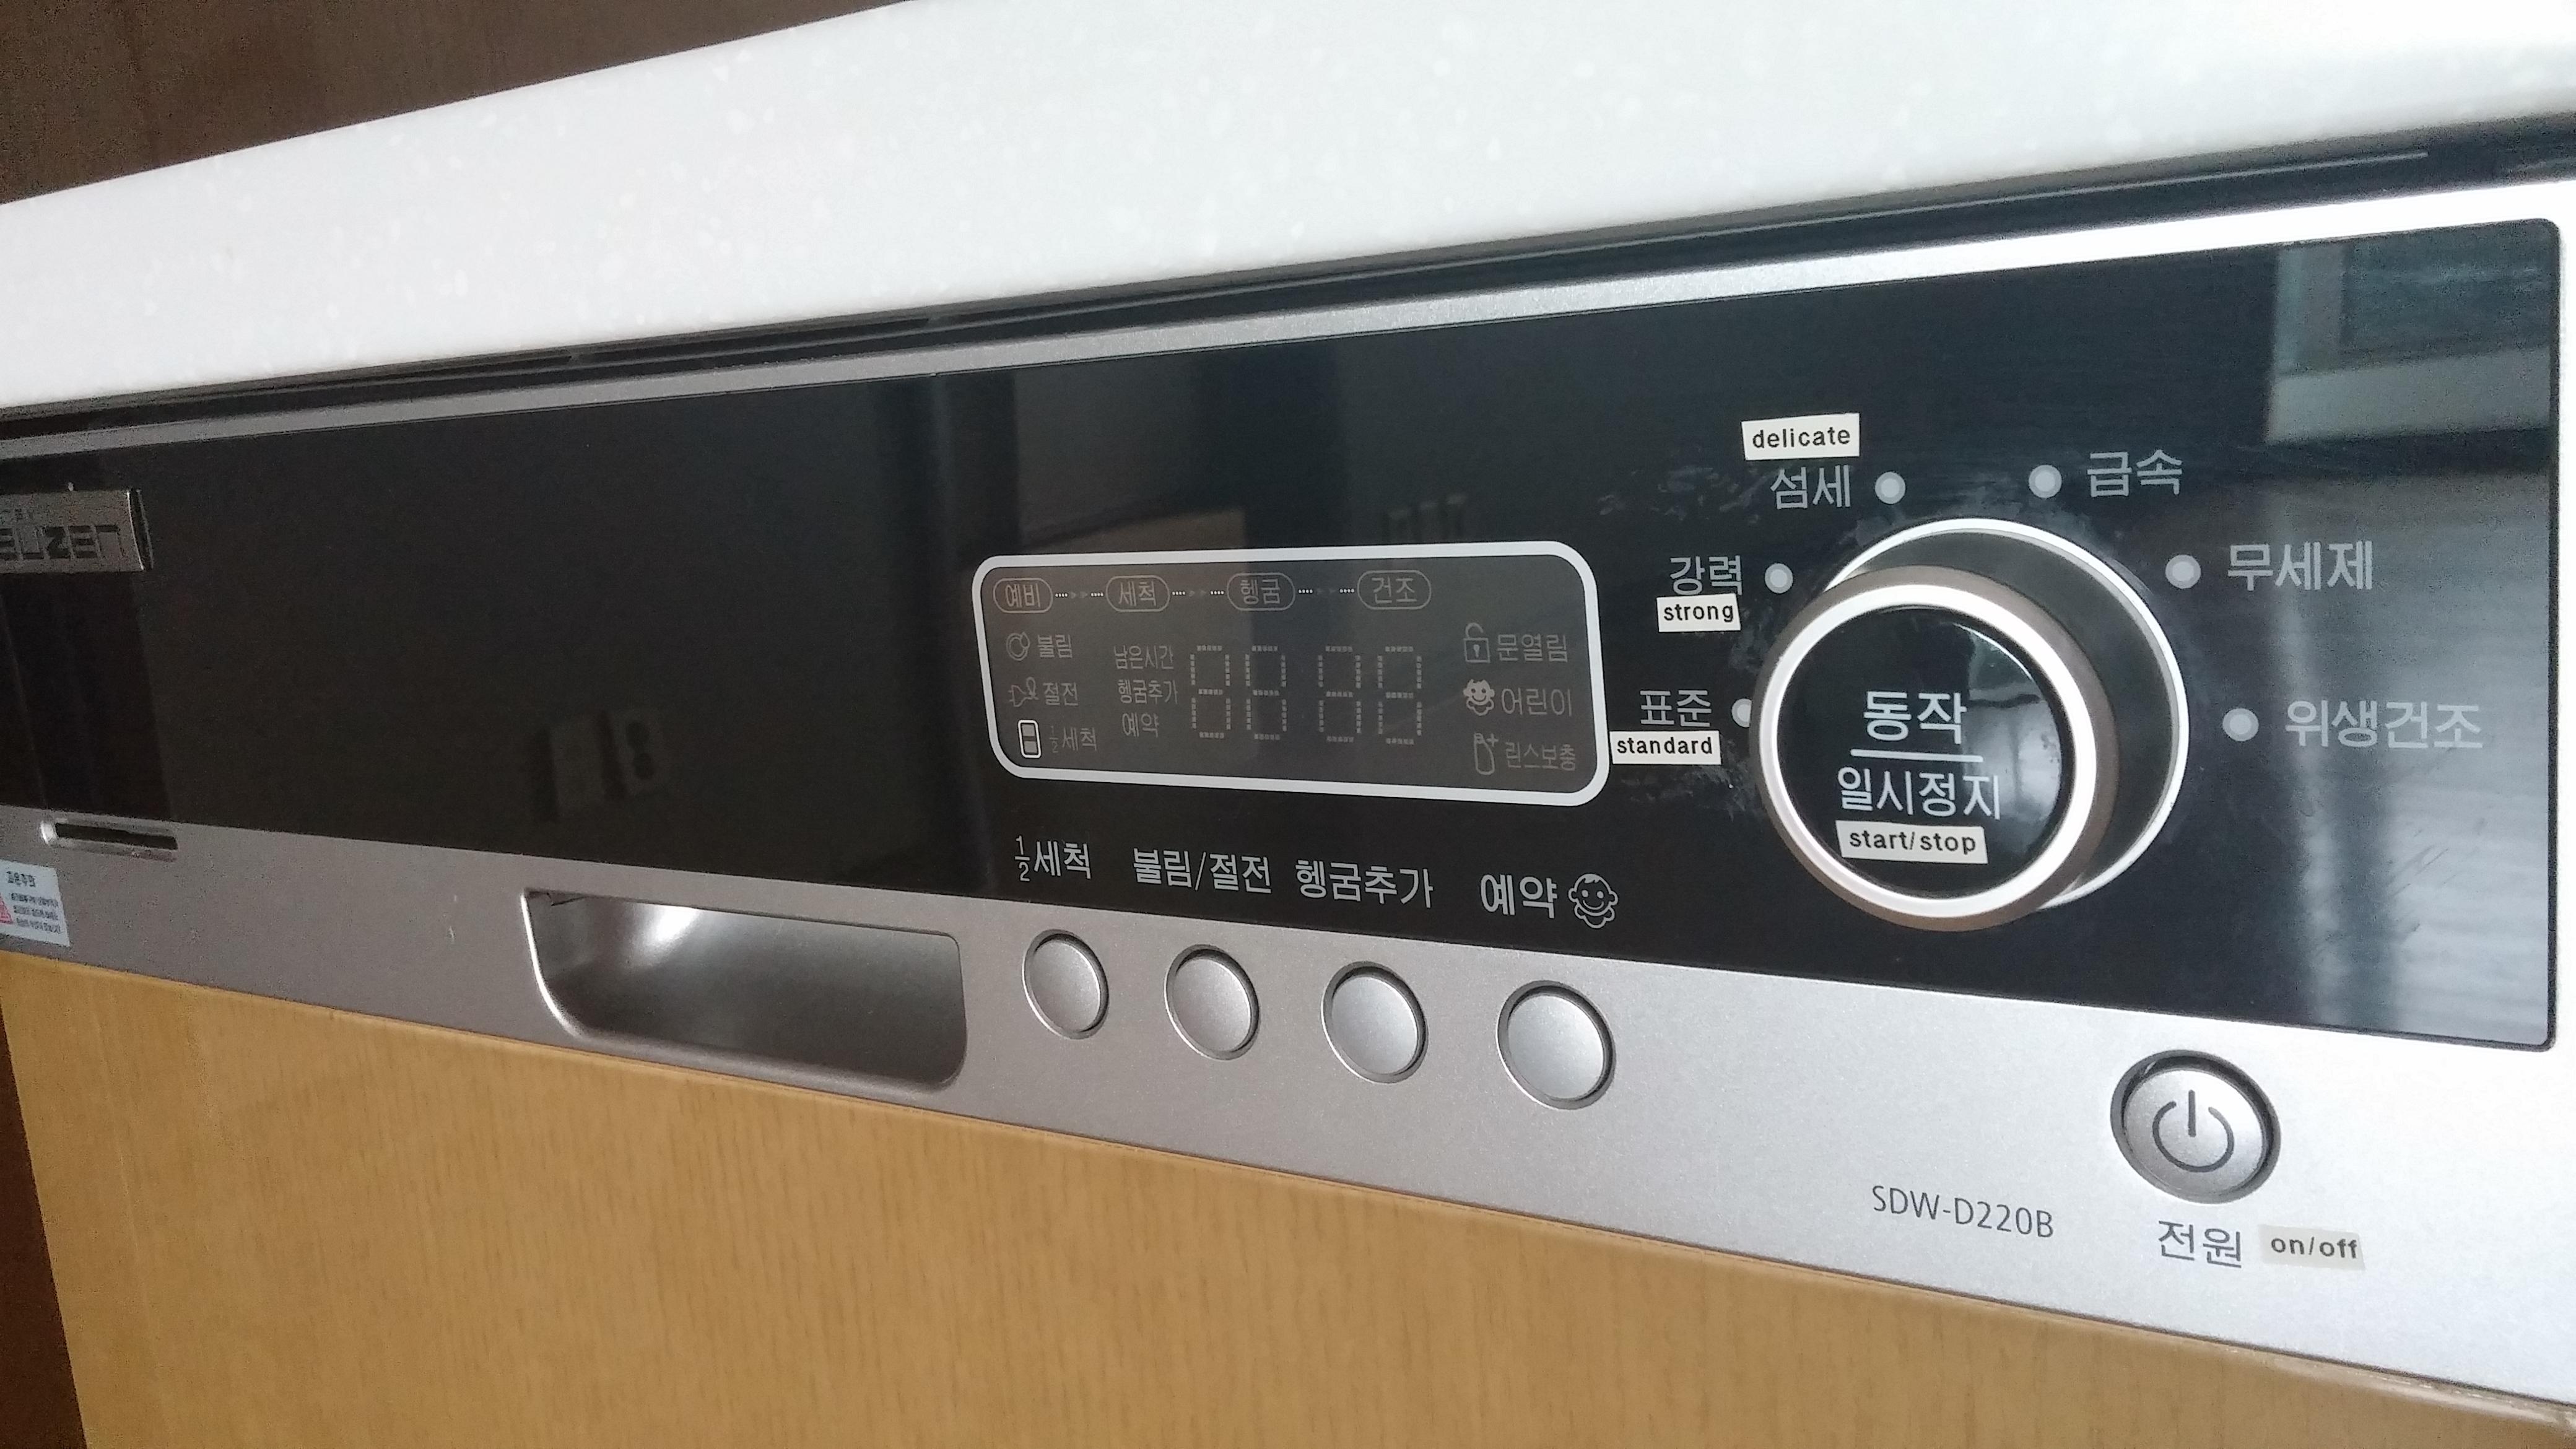 韓国 食器洗浄機